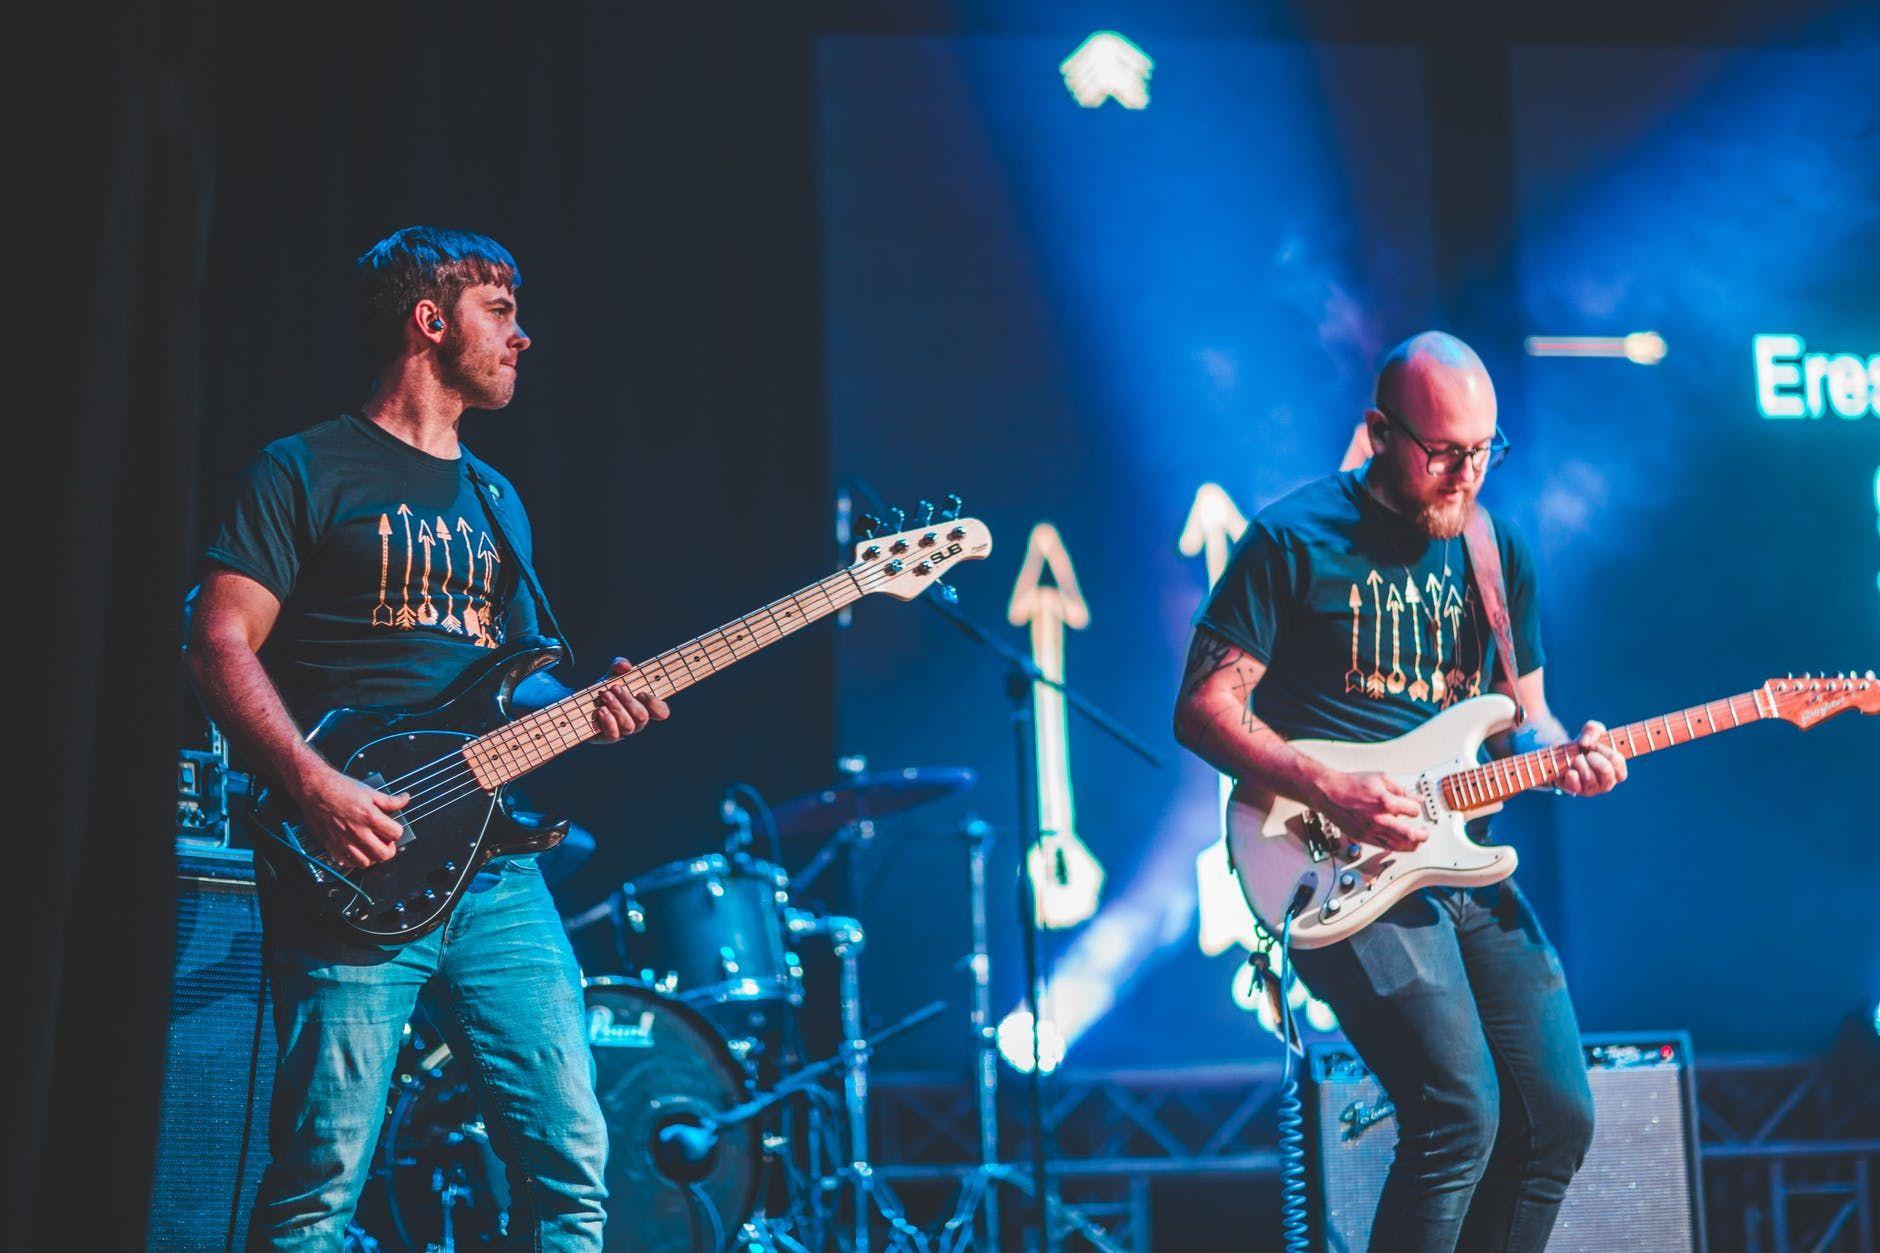 Banda de rock toca ao vivo